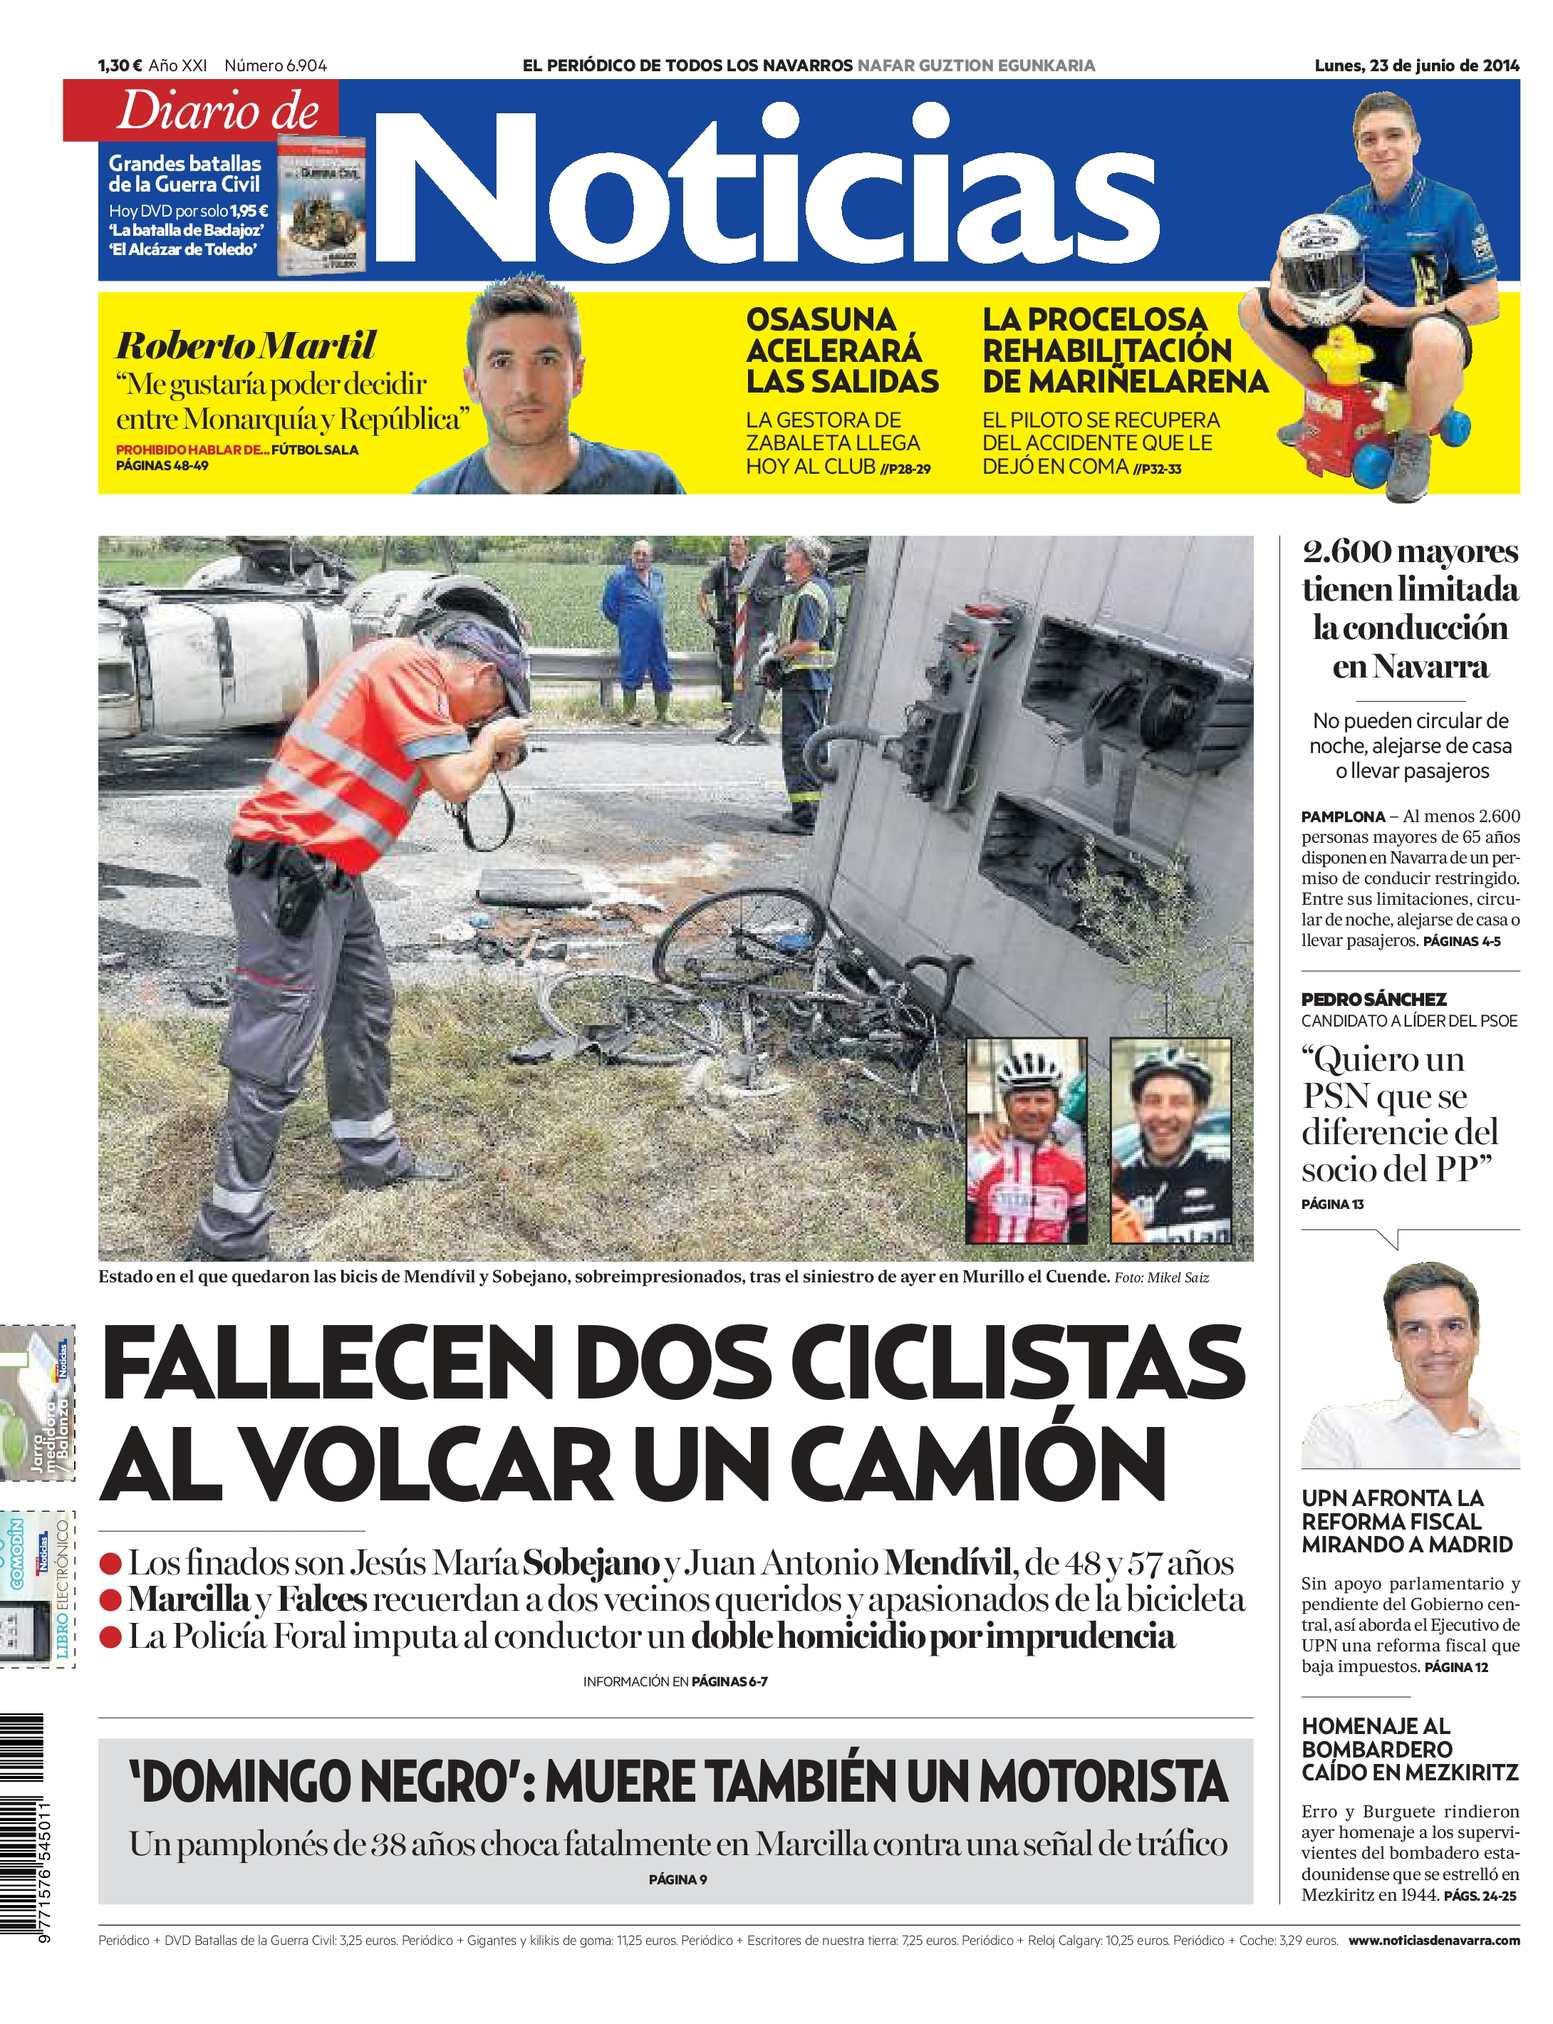 Calaméo - Diario de Noticias 20140623 6d5765402a0fa